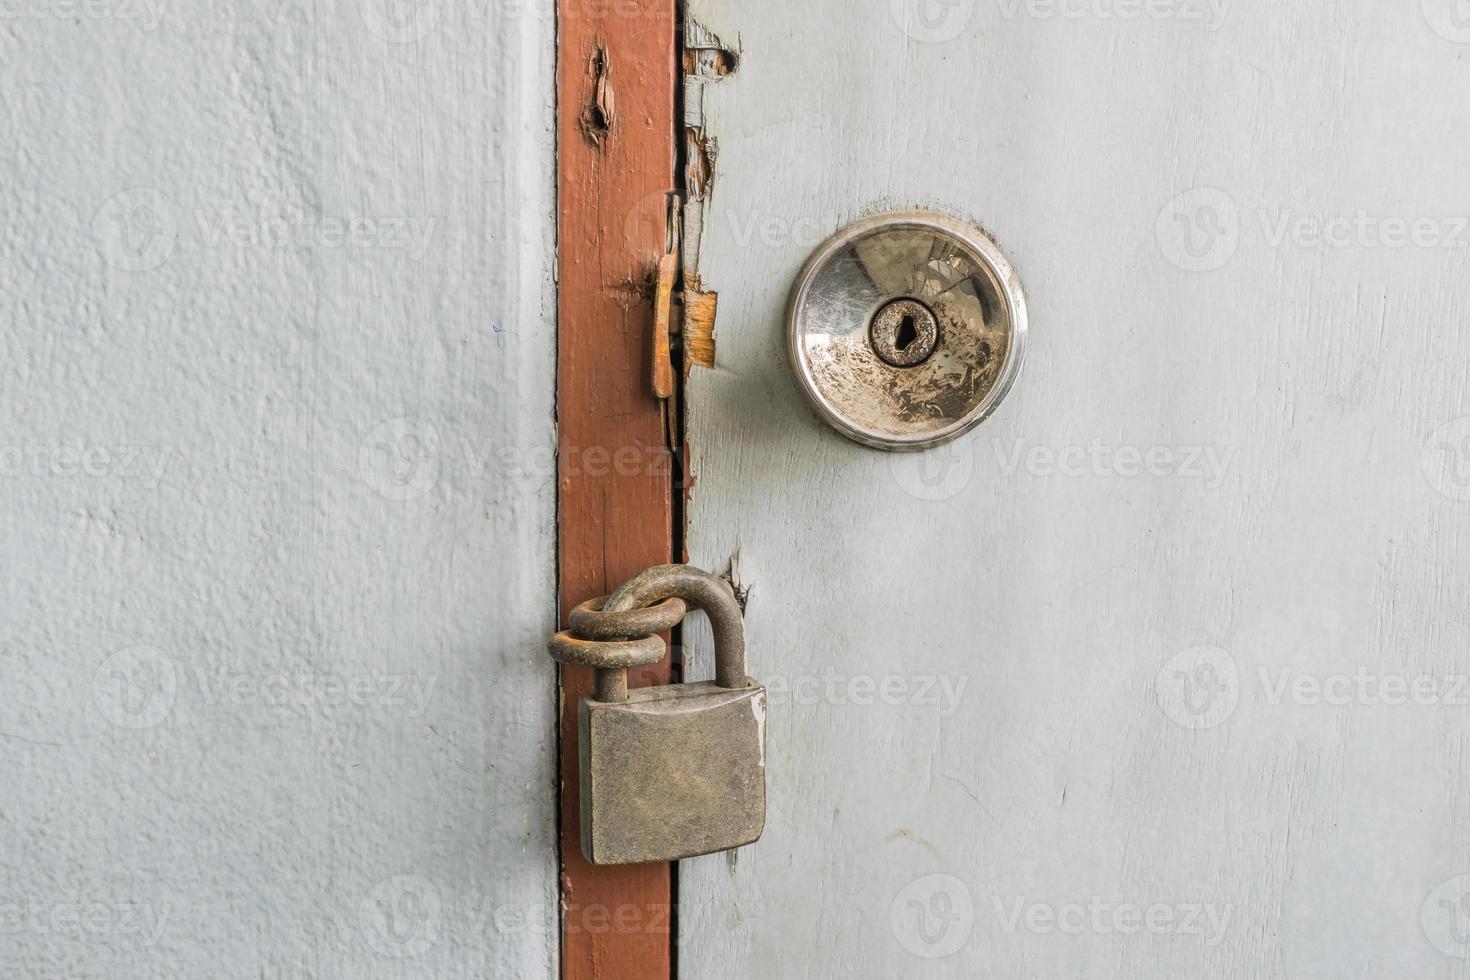 vecchio lucchetto su una porta foto